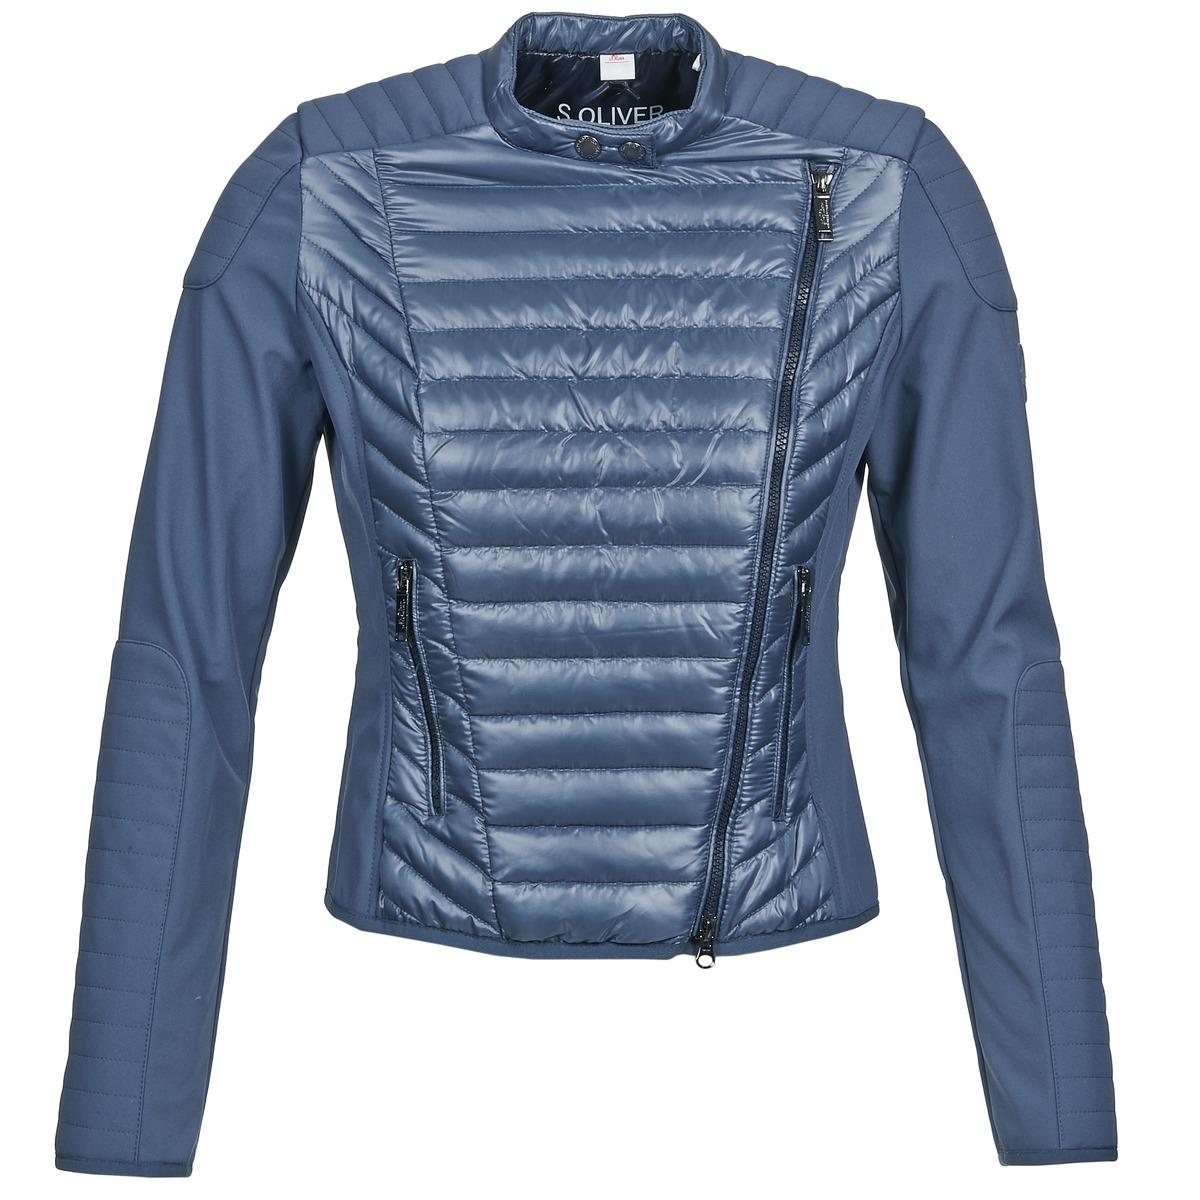 s oliver jones blau kostenloser versand bei kleidung jacken blazers damen 95 20. Black Bedroom Furniture Sets. Home Design Ideas